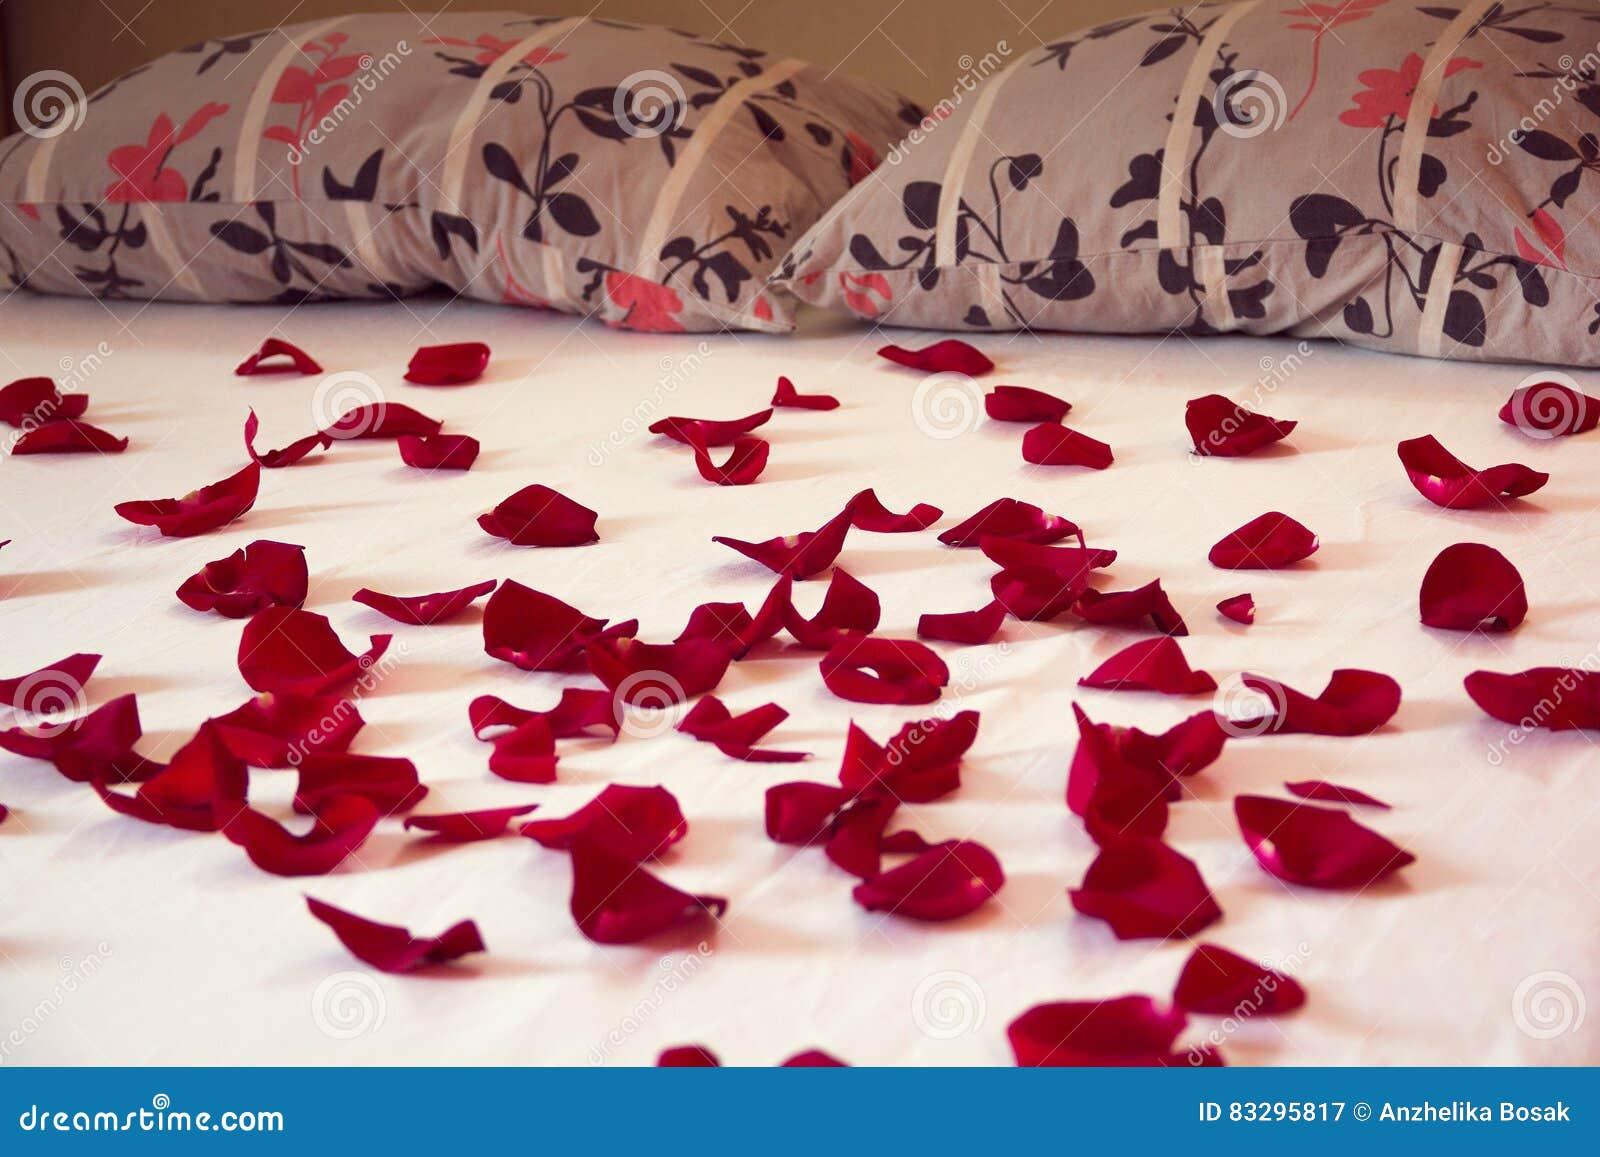 Bed Met Rozen.Verspreide Bloemblaadjes Van Rode Rozen Op Een Bed Stock Afbeelding